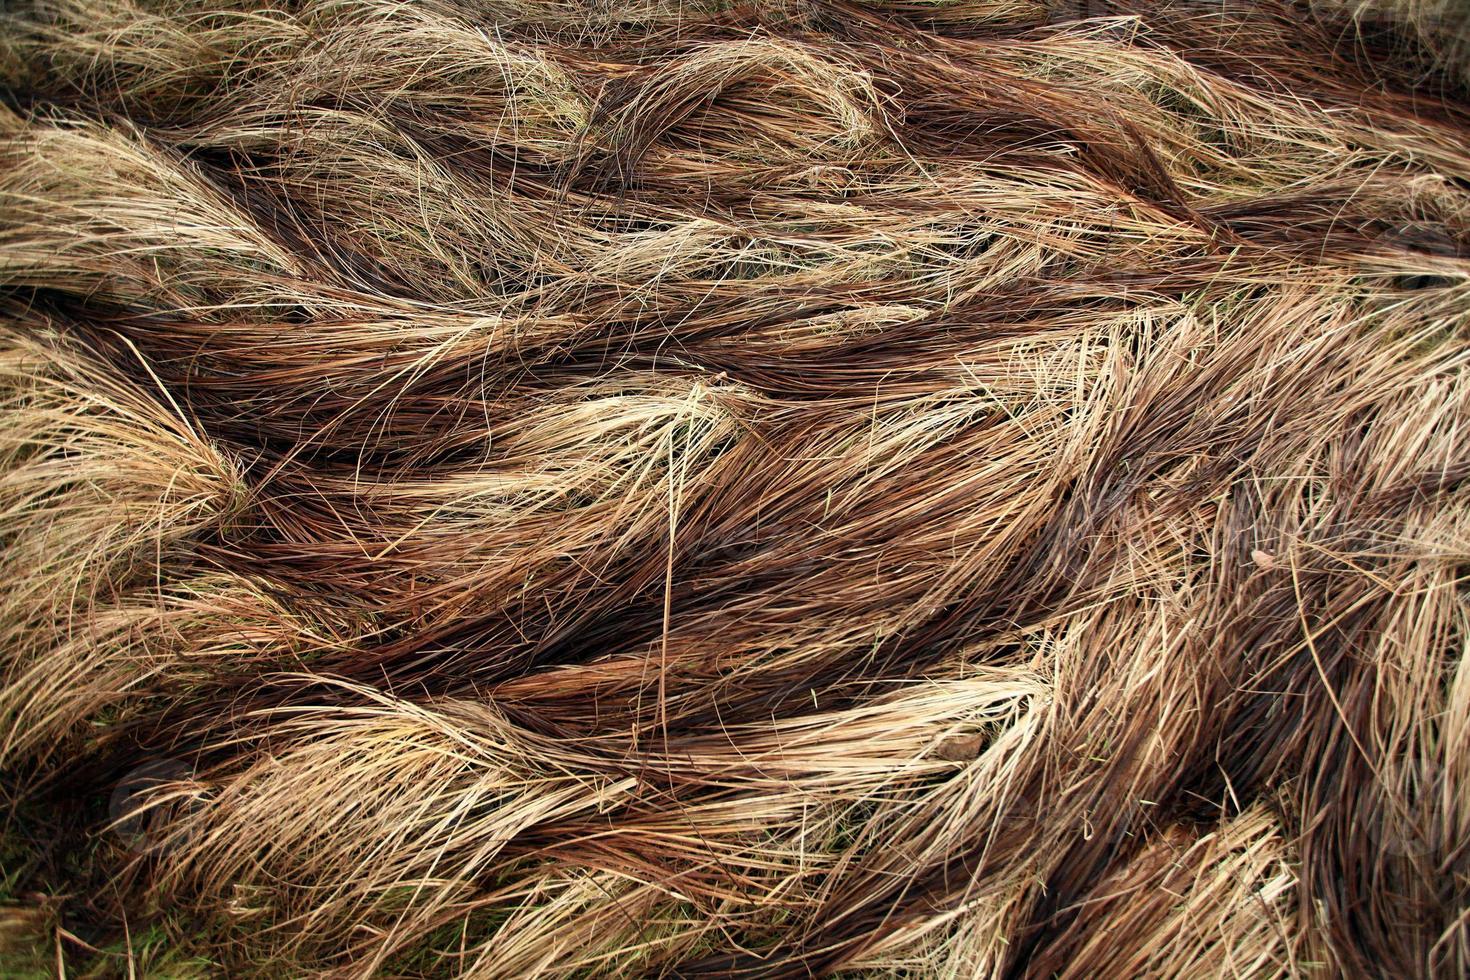 Herbst trockenes Gras Segge foto